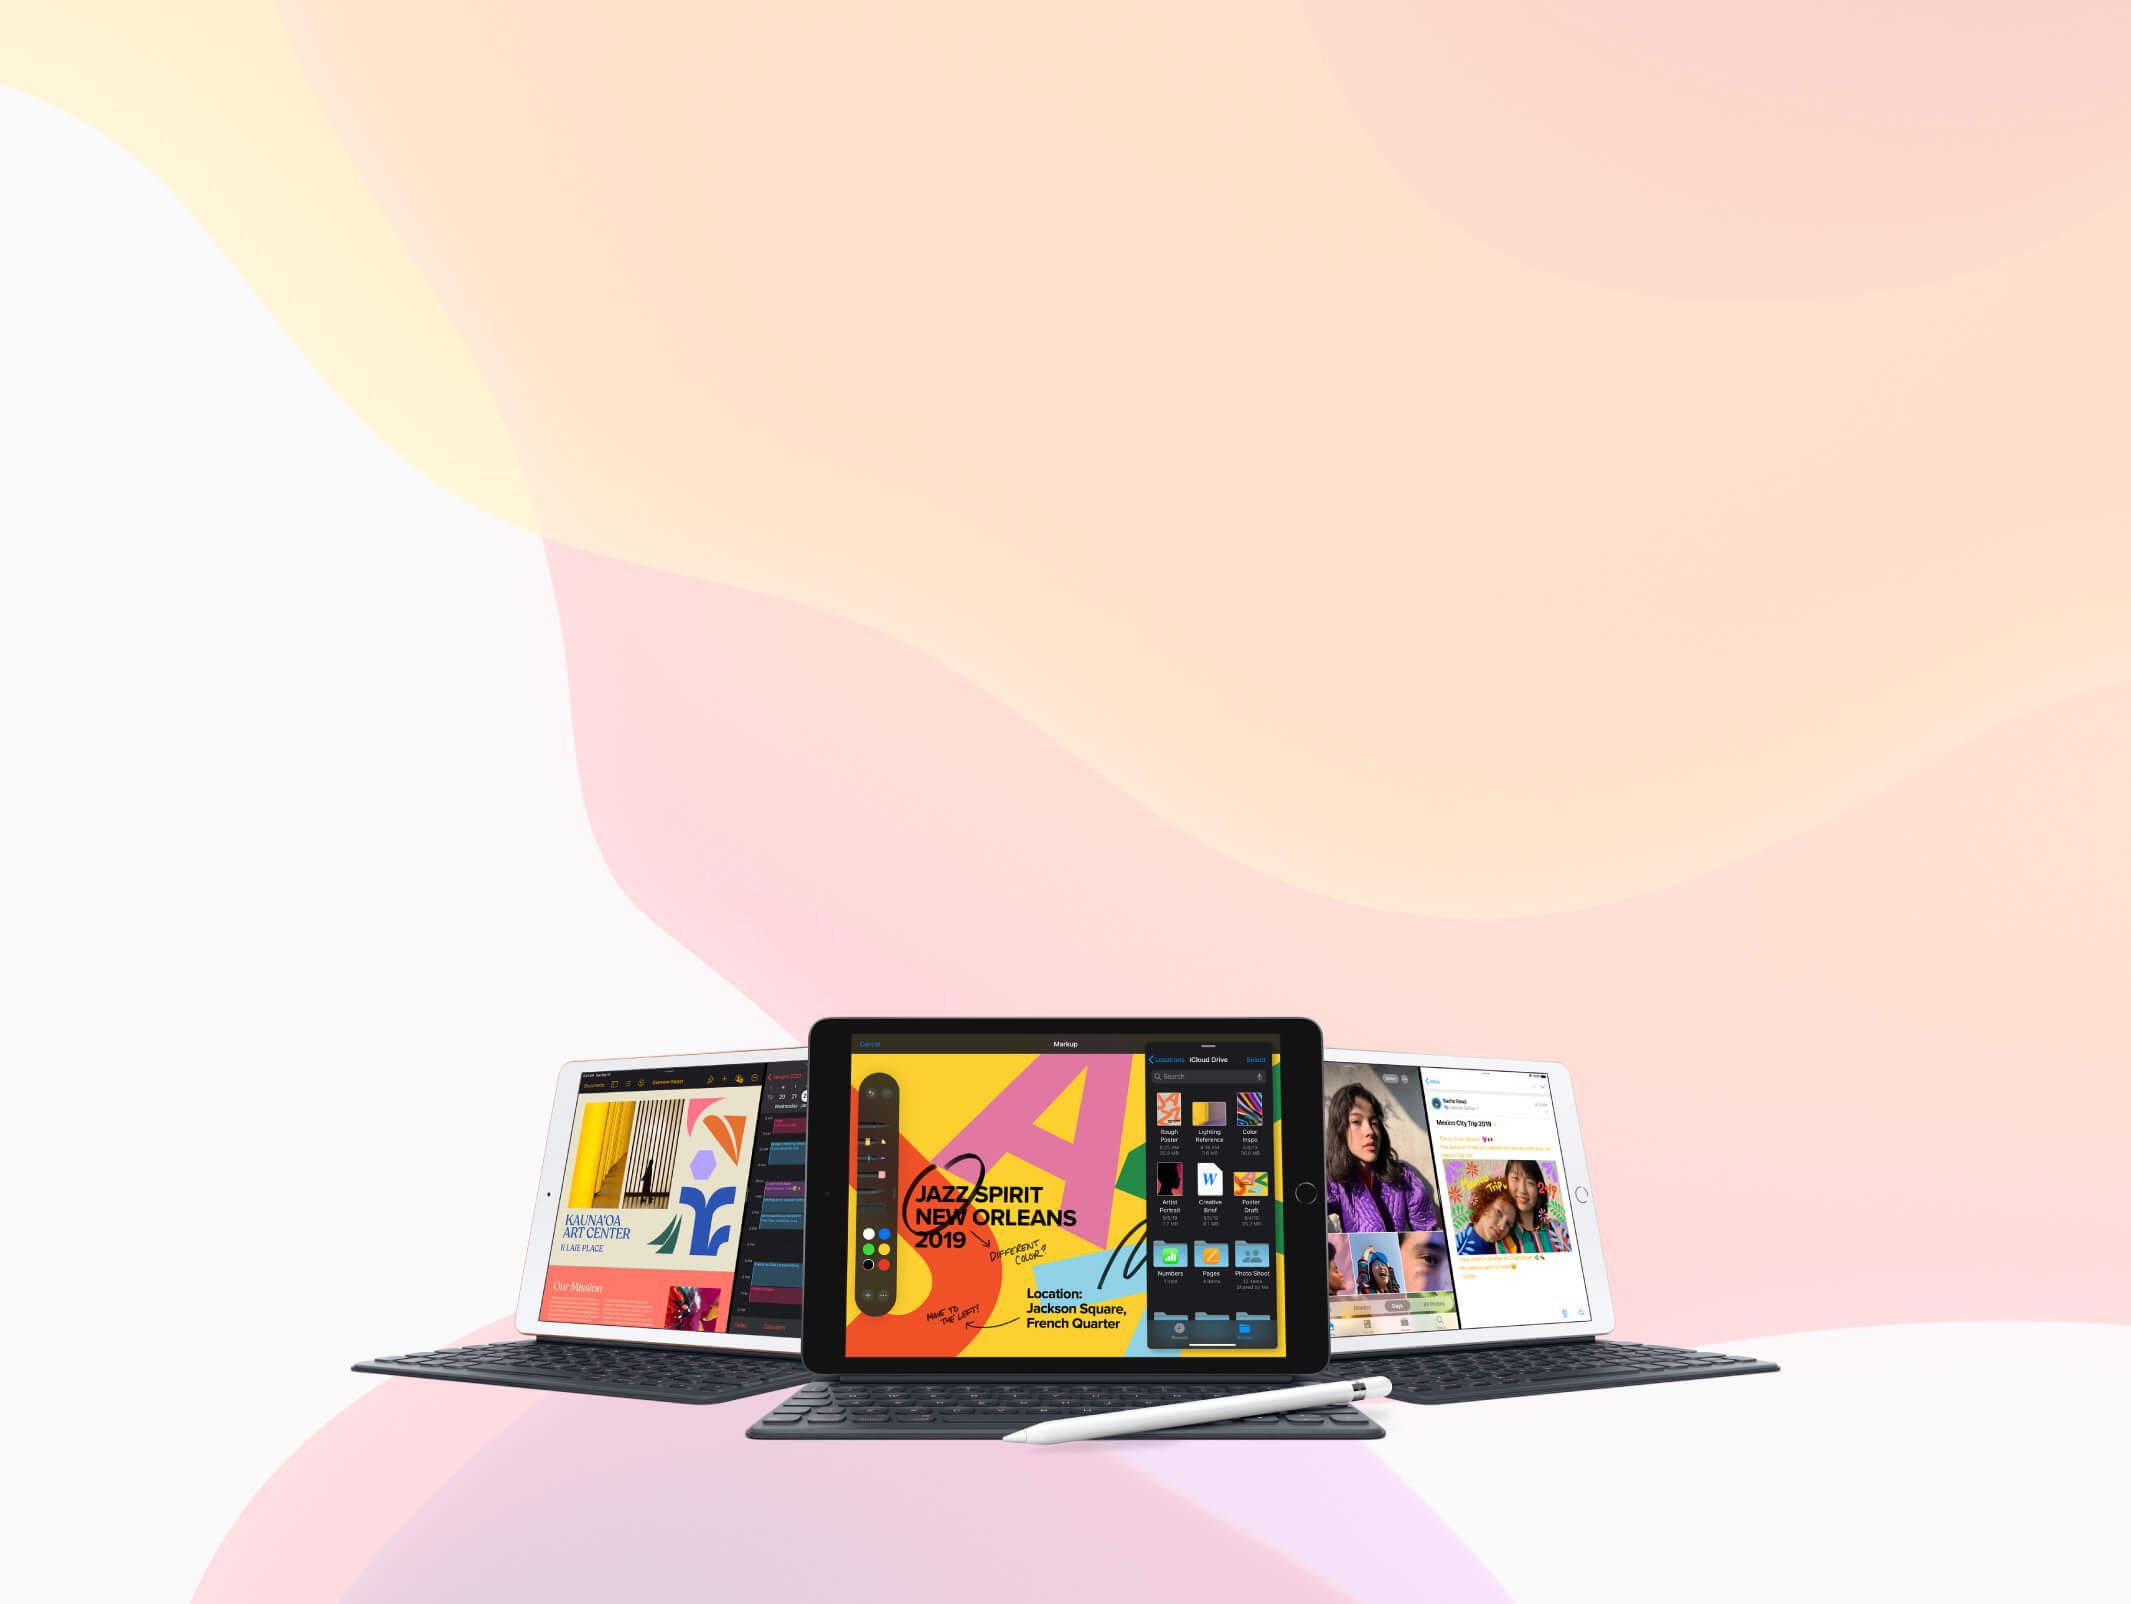 iPad (2019) Main